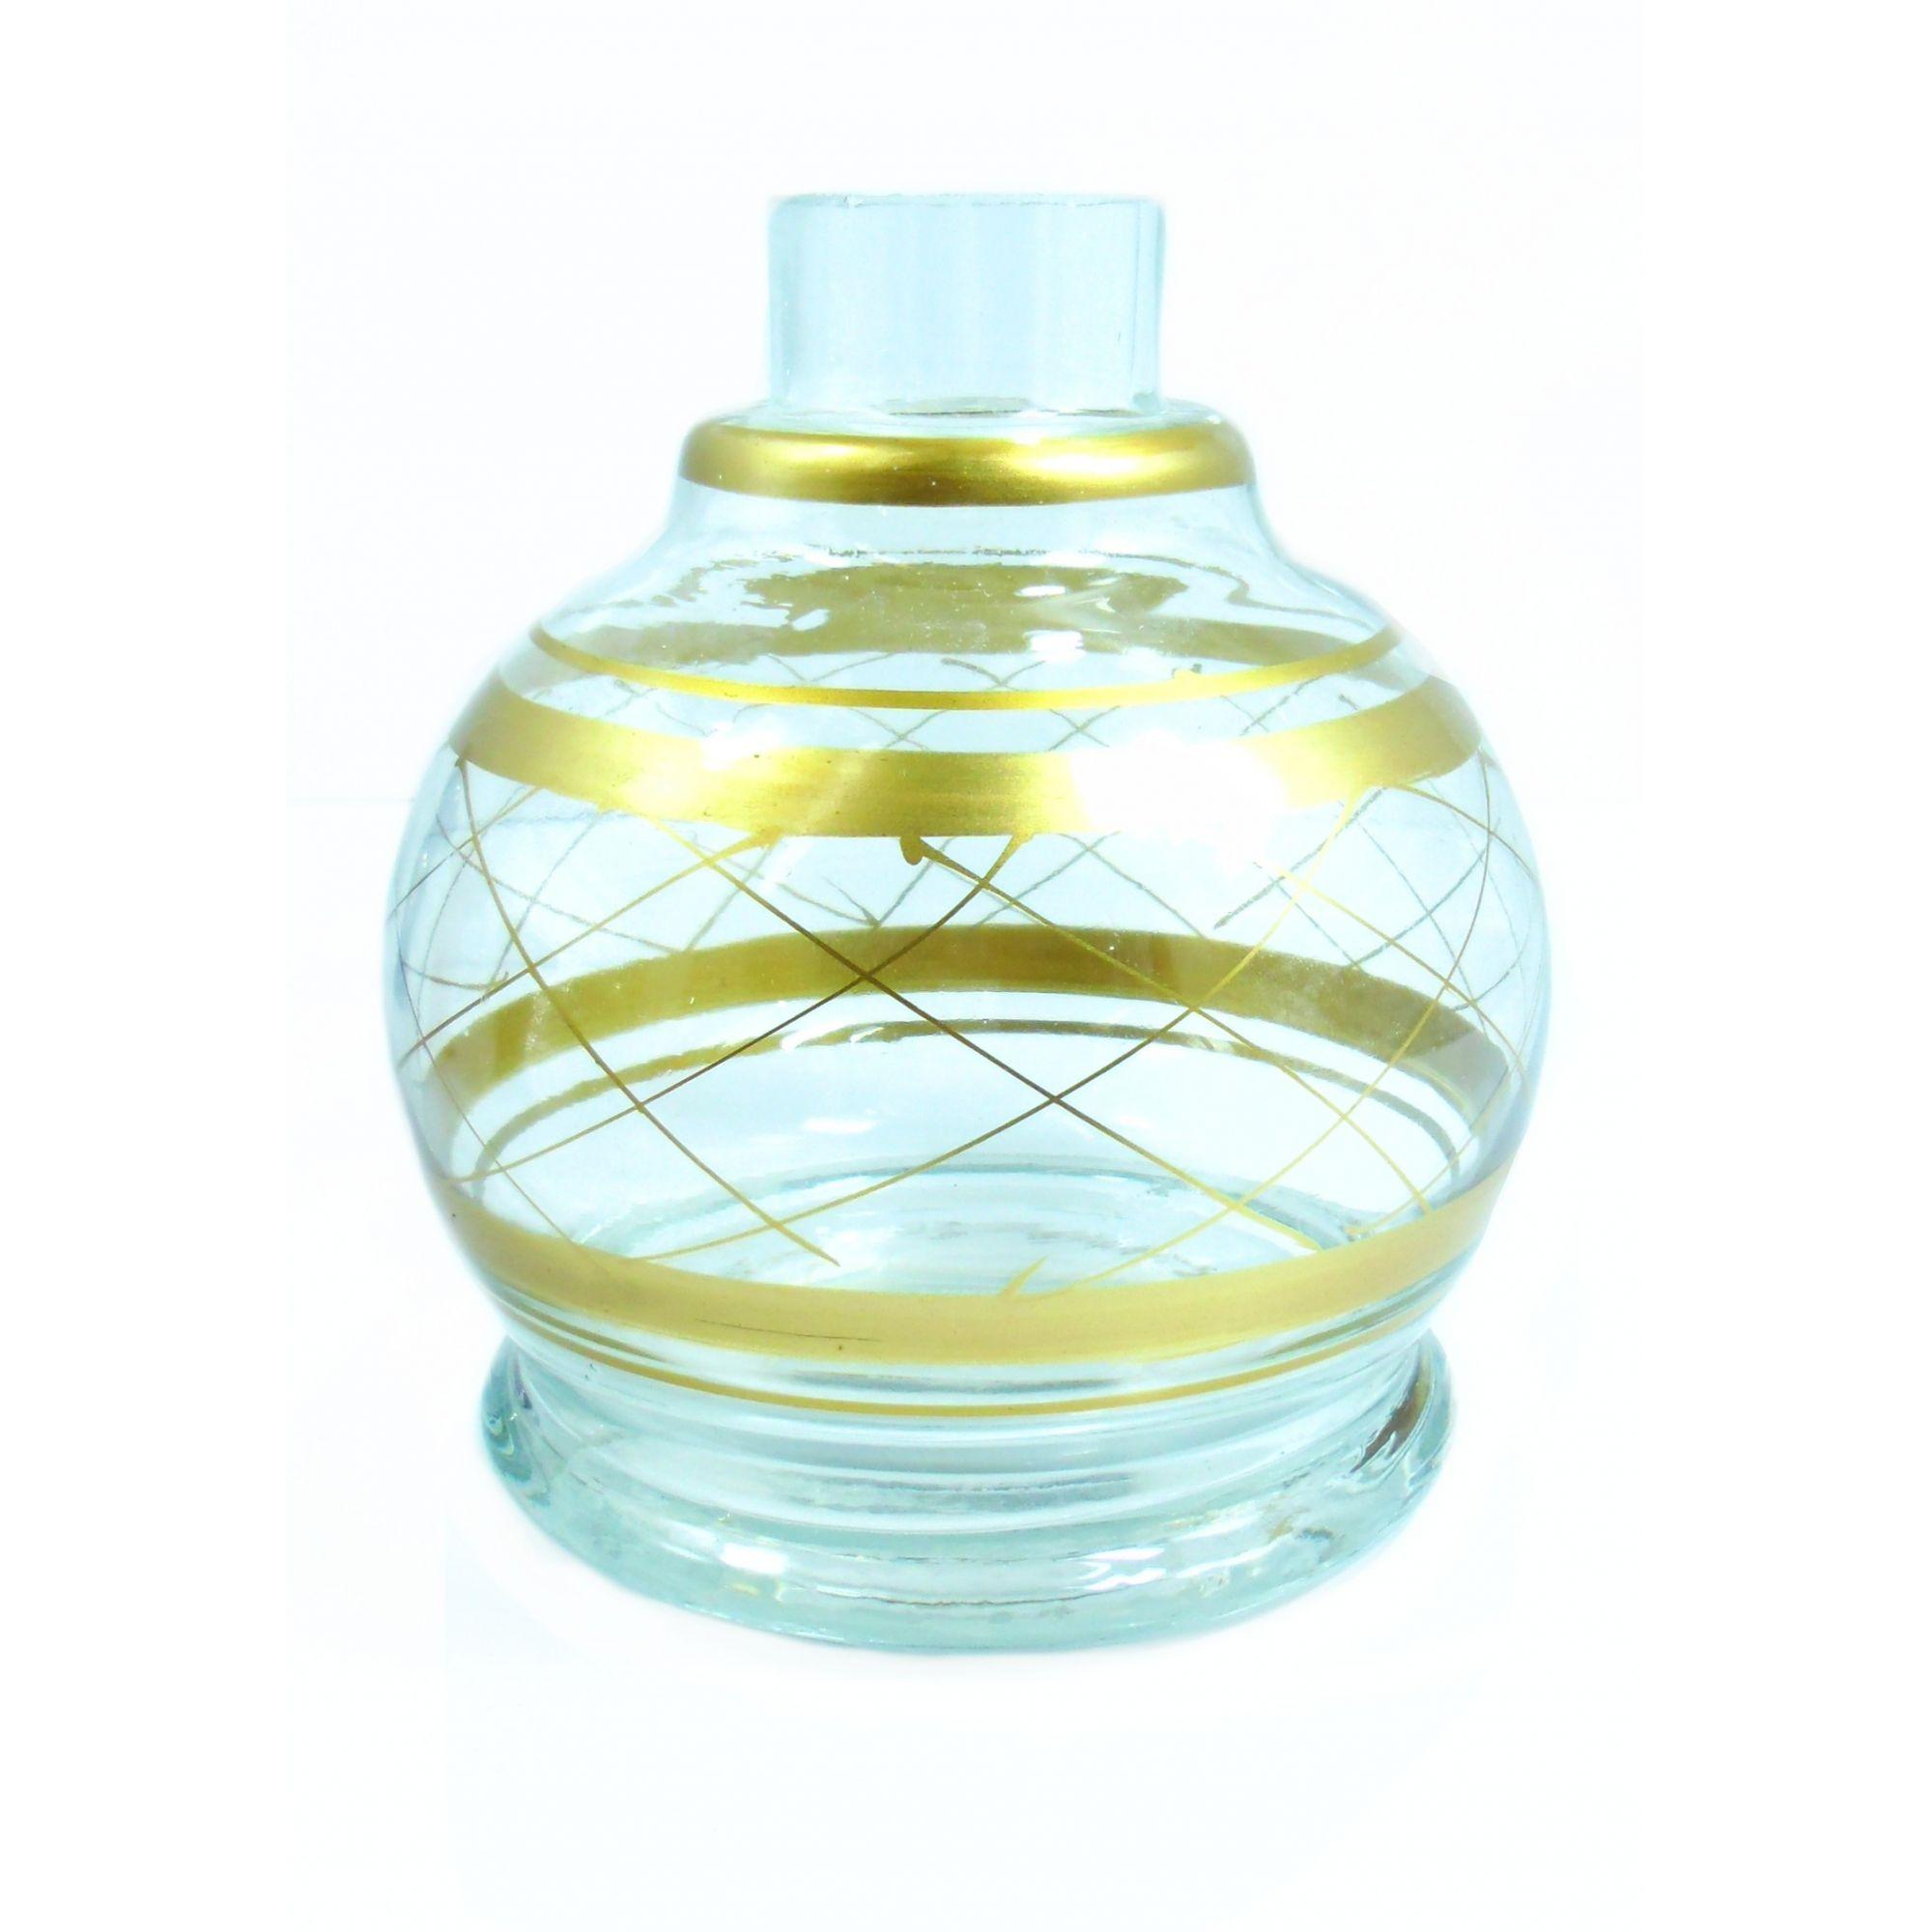 Vaso/base para narguile em vidro, KIMO BALL com listras douradas. 13cm alt. Encaixe macho (interno).